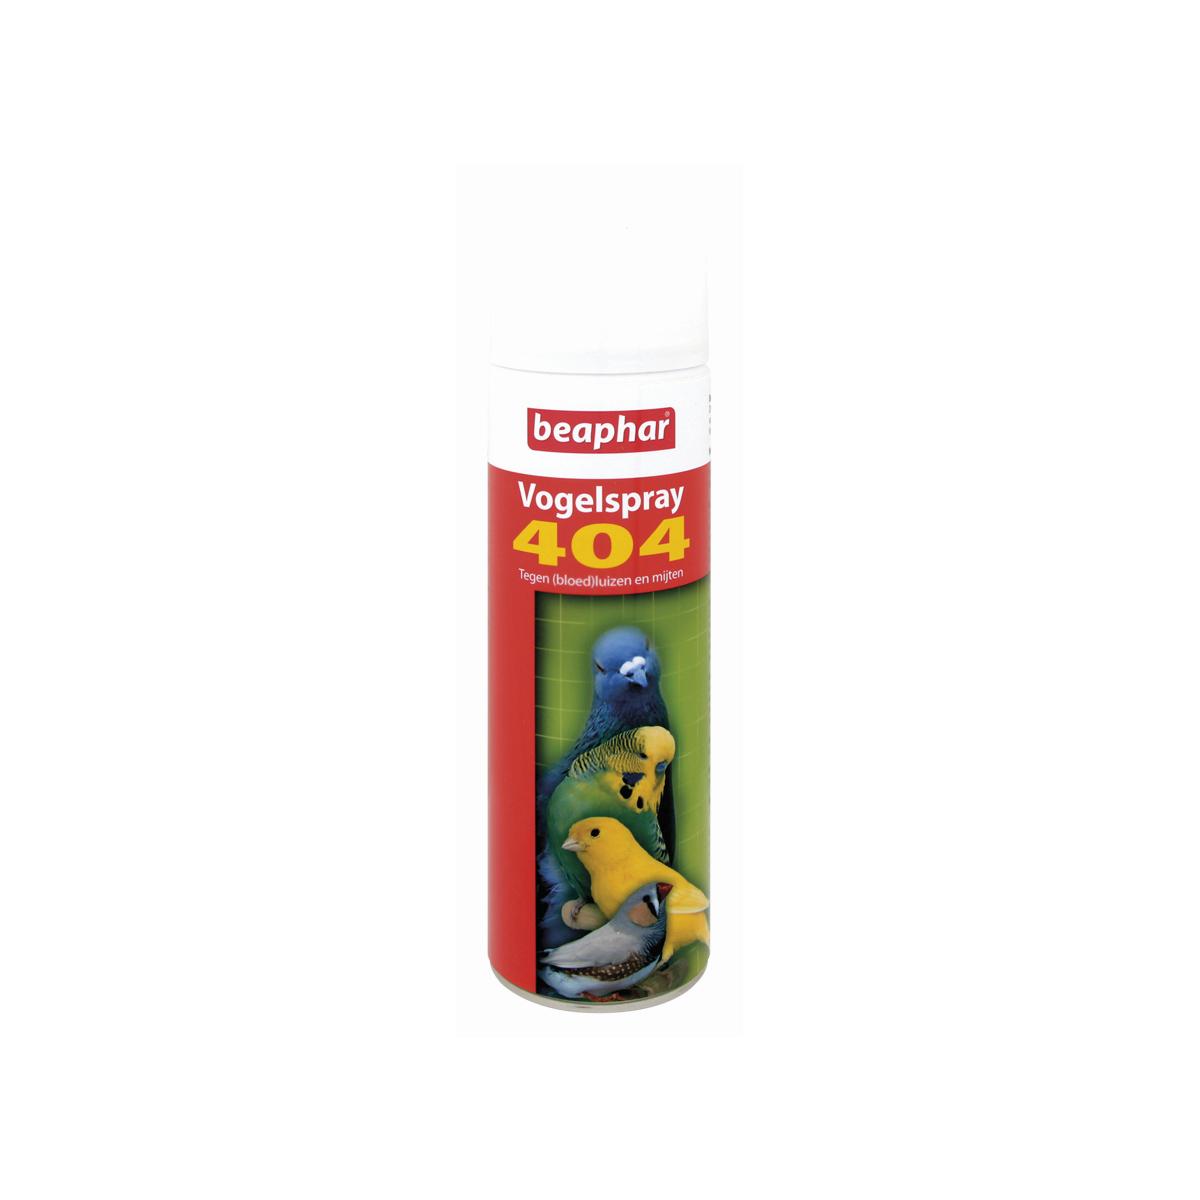 Beaphar - 404 vogelspray 500 ml